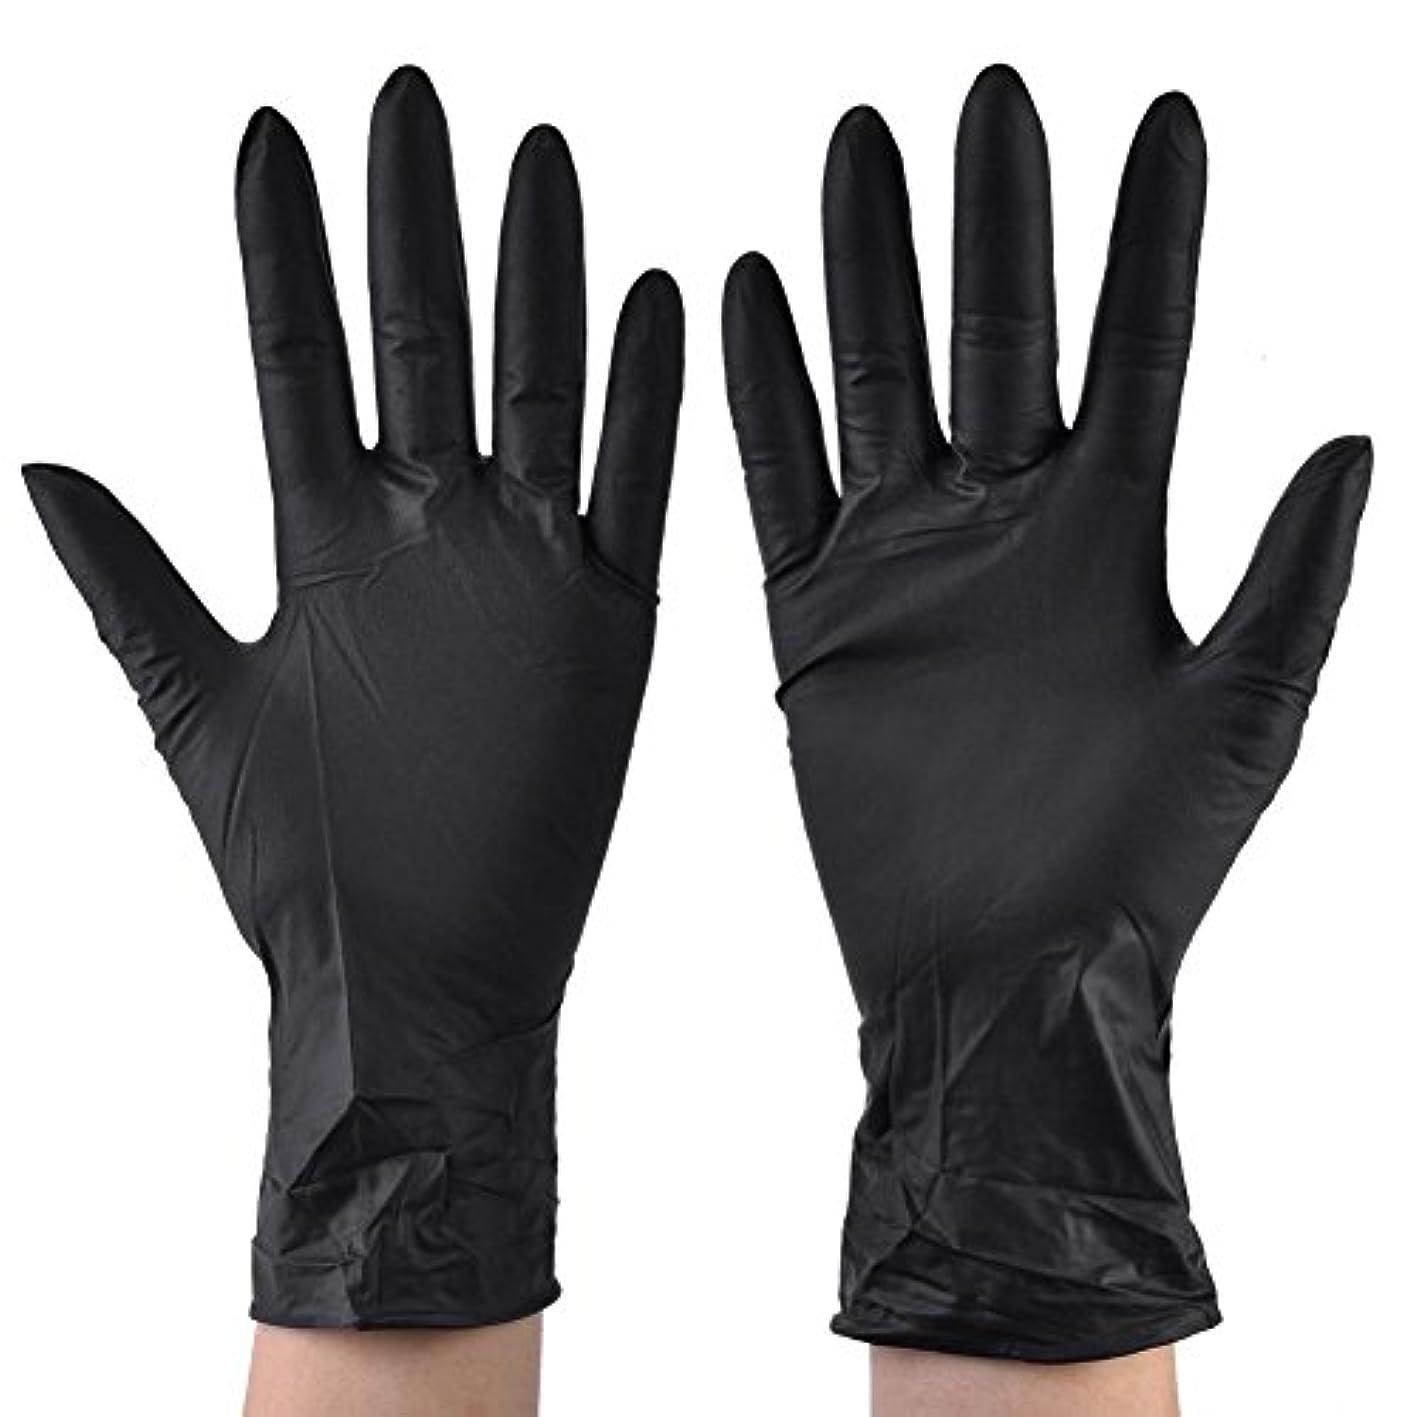 カテゴリー憎しみ傘100pcs使い捨てニトリル手袋医療グレードラテックスフリーパウダーフリーブラックラージミディアムスモールインダストリアル、医療、美容、健康(L)